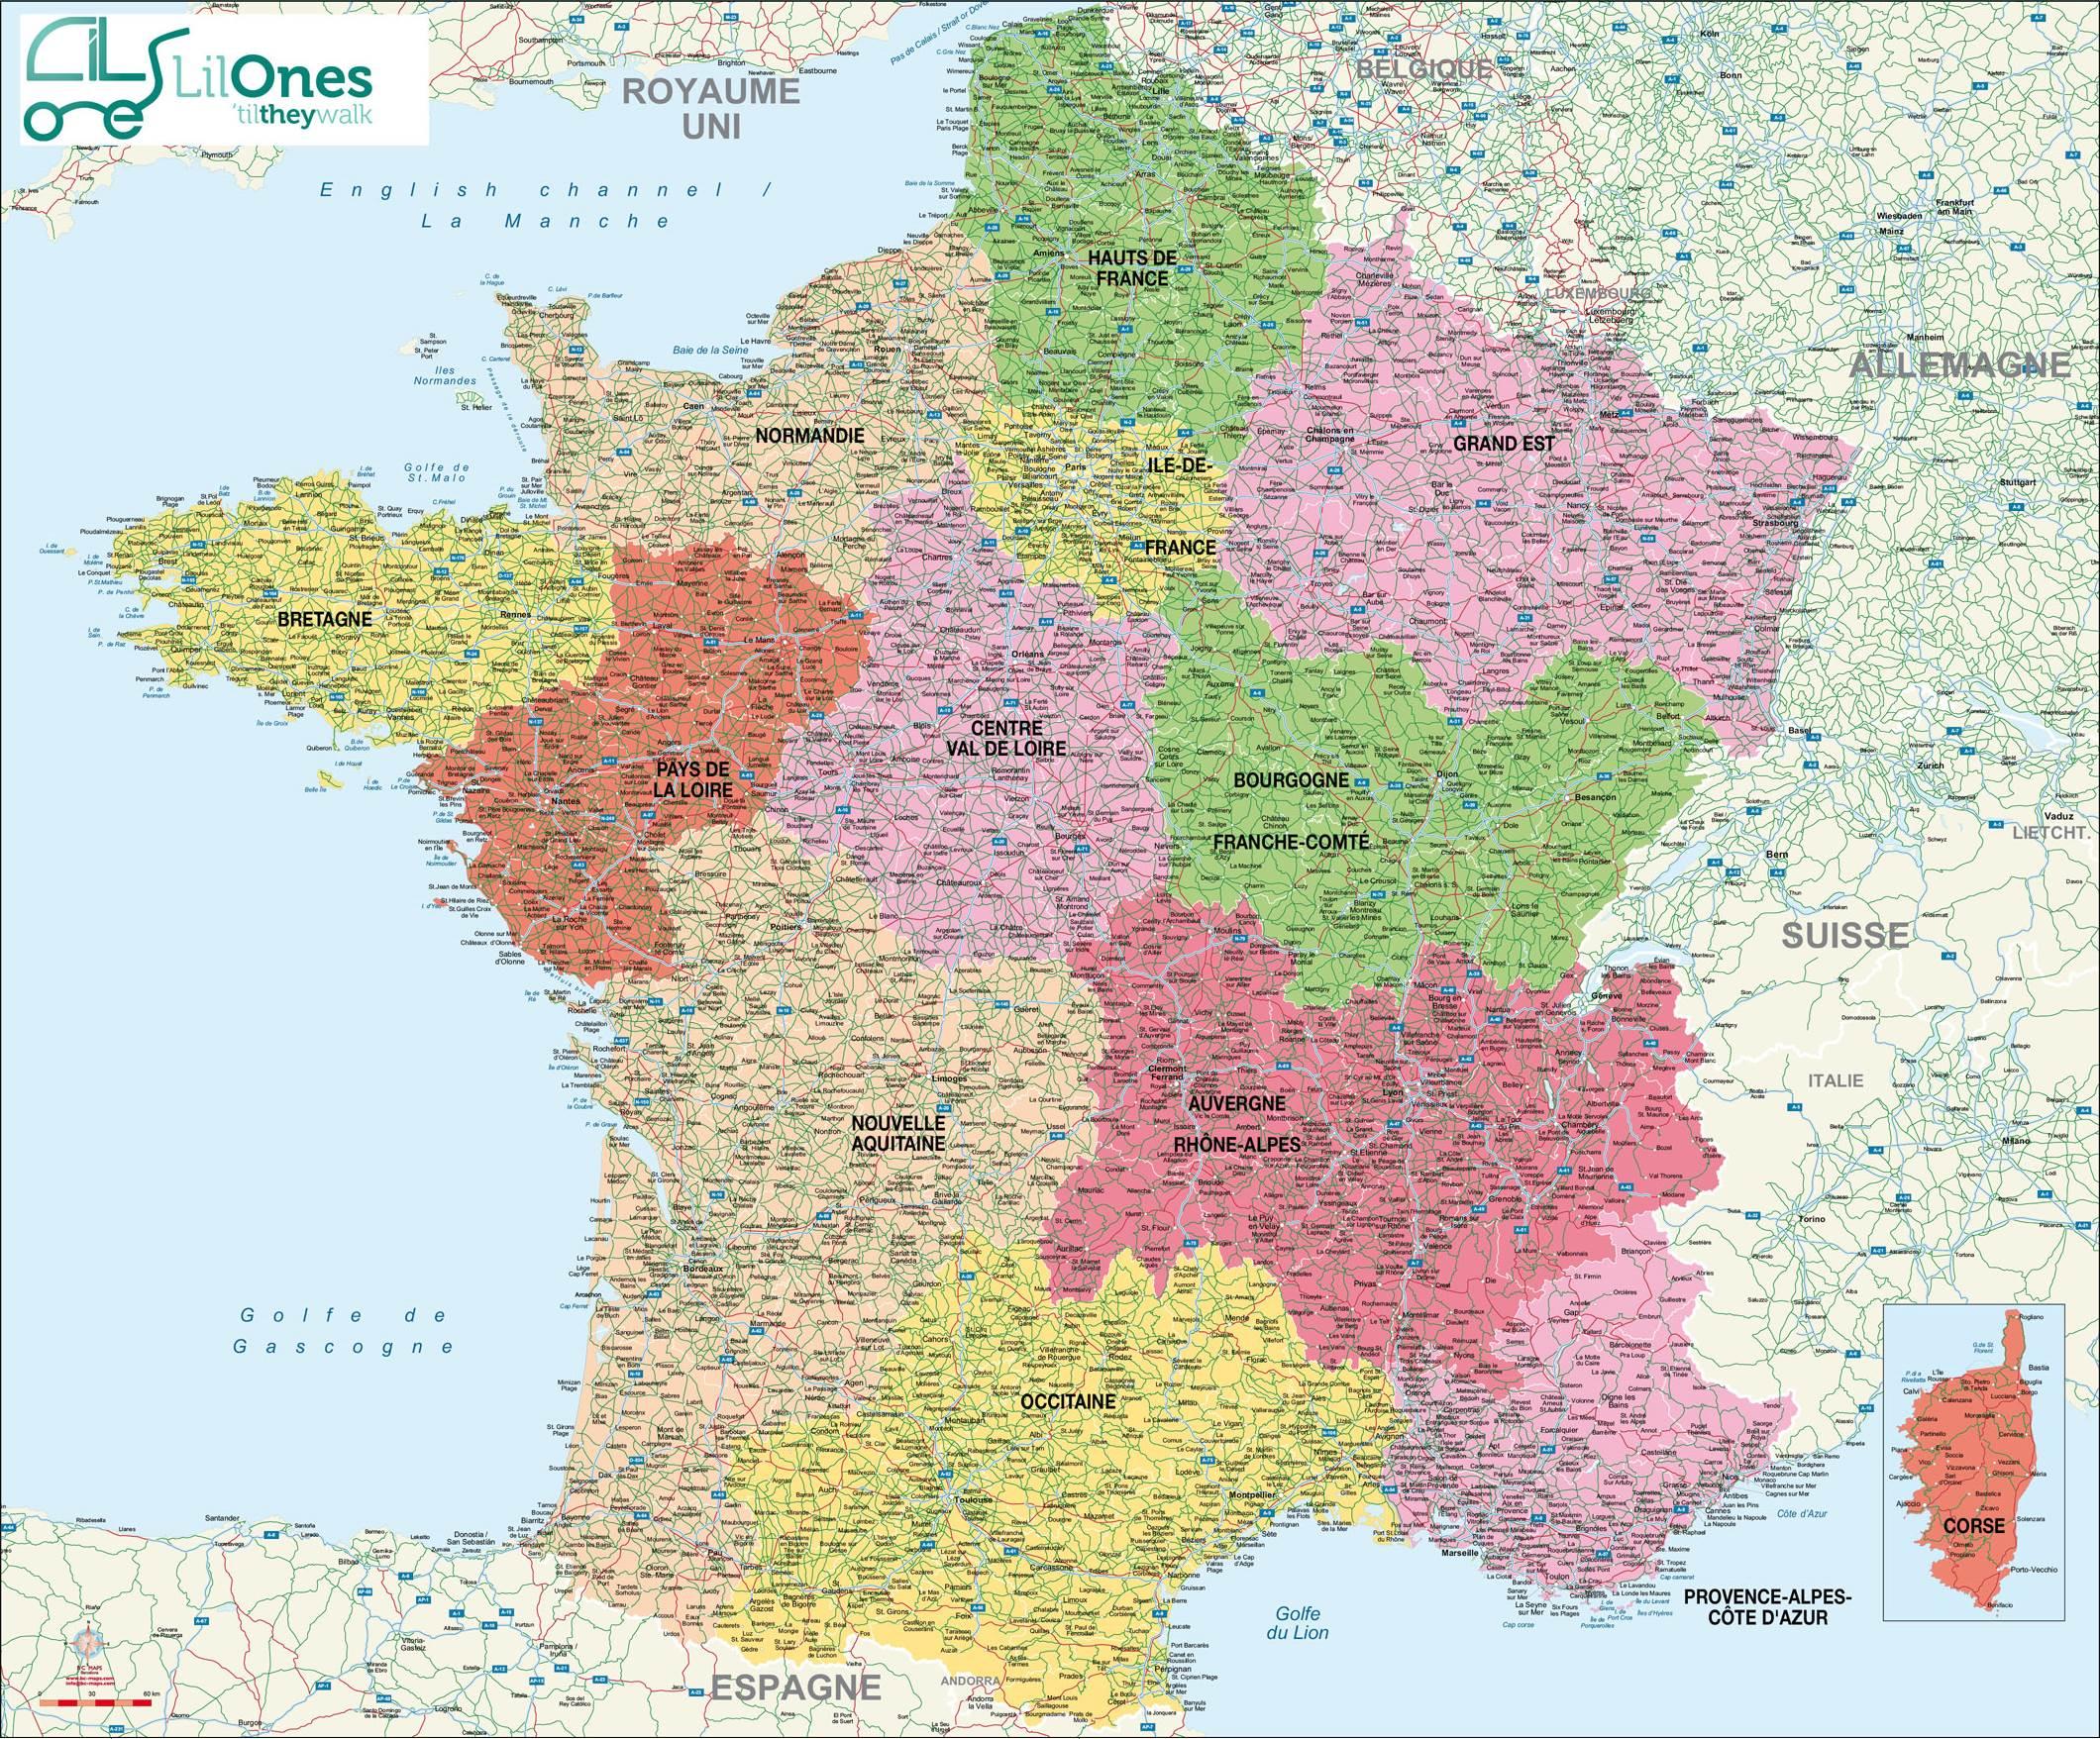 Carte France Villes : Carte Des Villes De France dedans Placer Des Villes Sur Une Carte